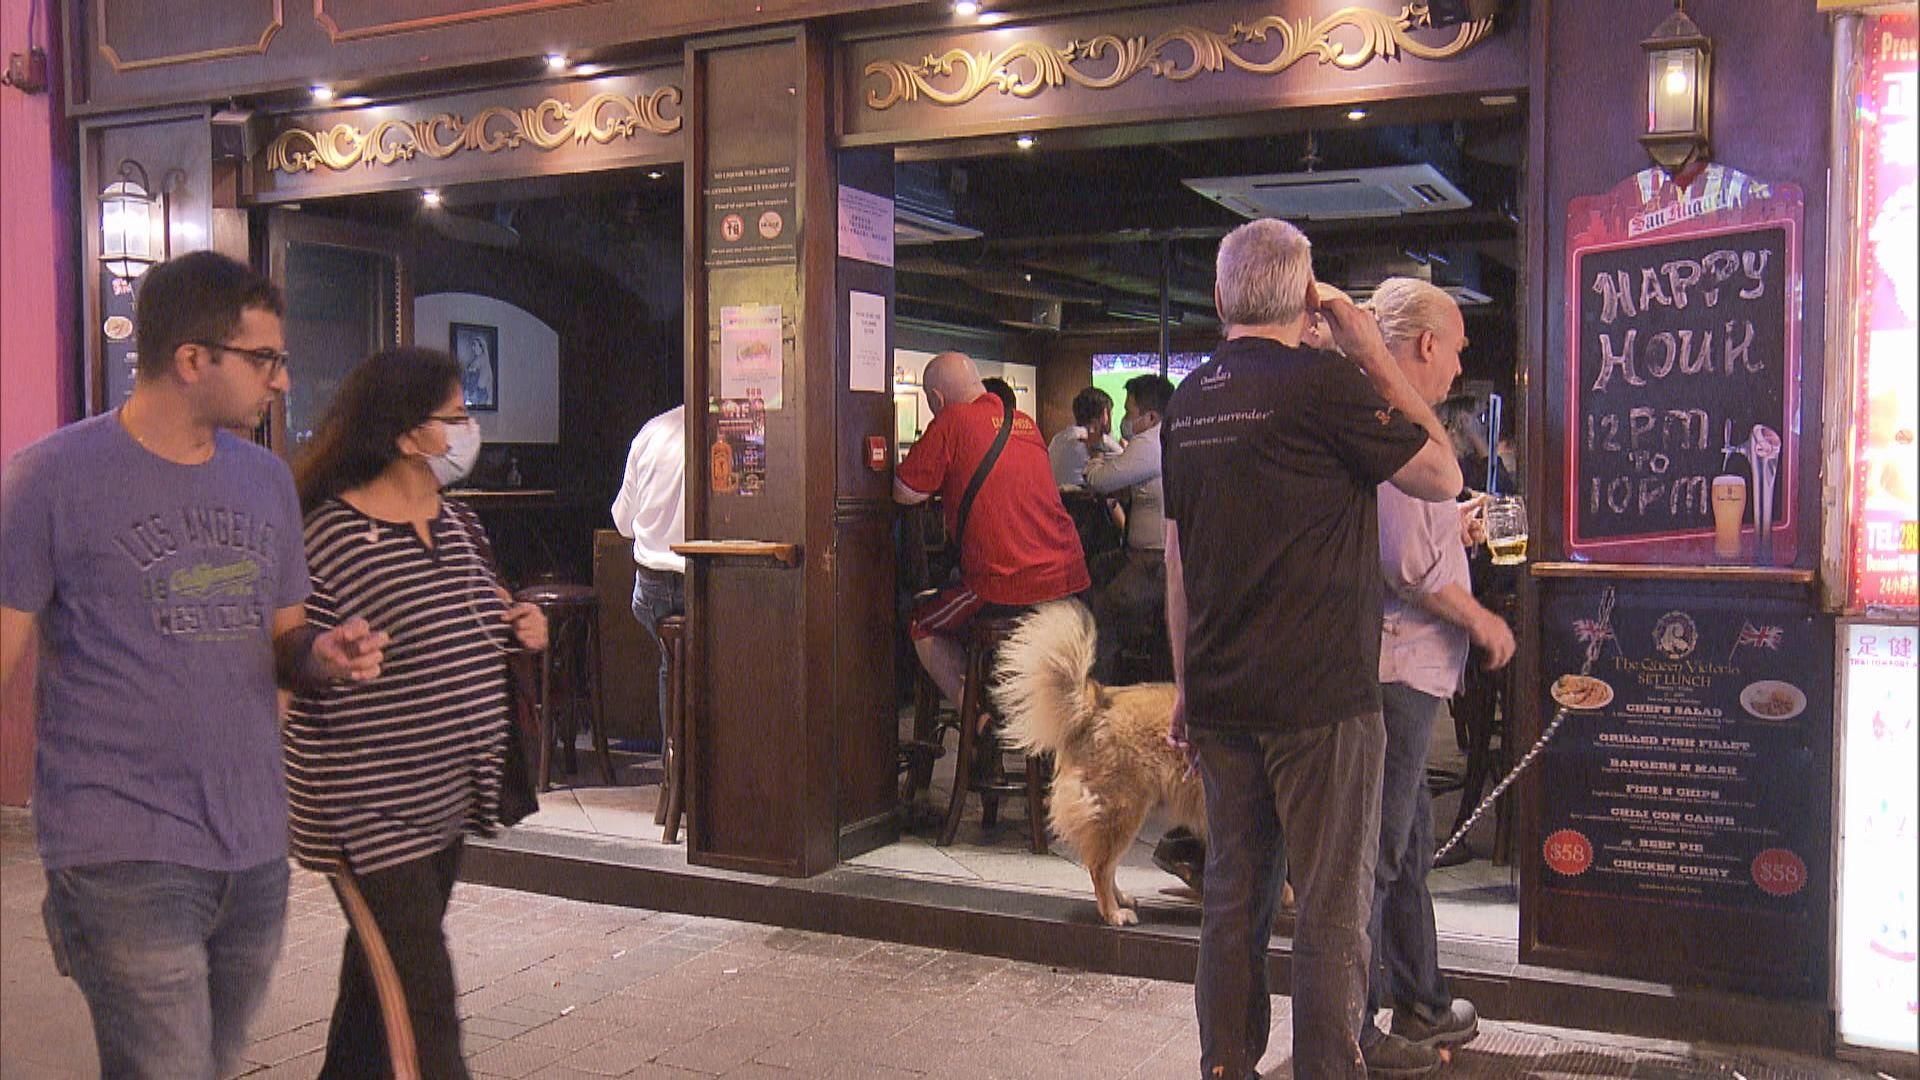 政府稱酒吧群組個案出現三、四代傳播鏈 情況嚴重